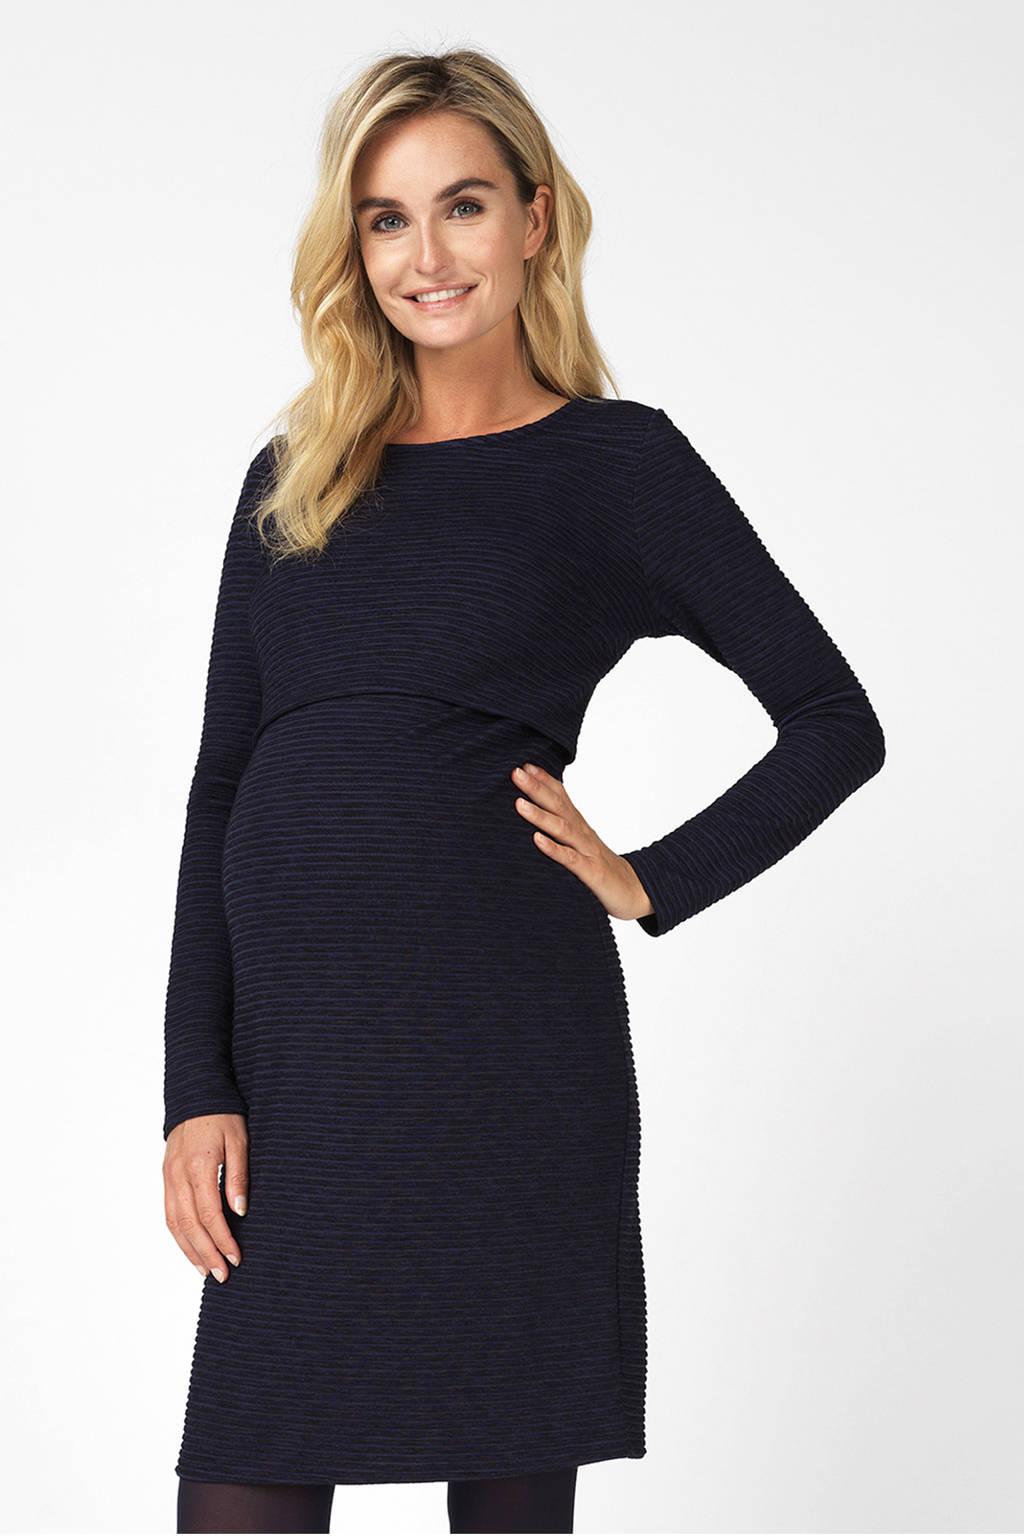 Noppies zwangerschaps- en voedingsjurk Zinnia met textuur blauw, Donkerblauw